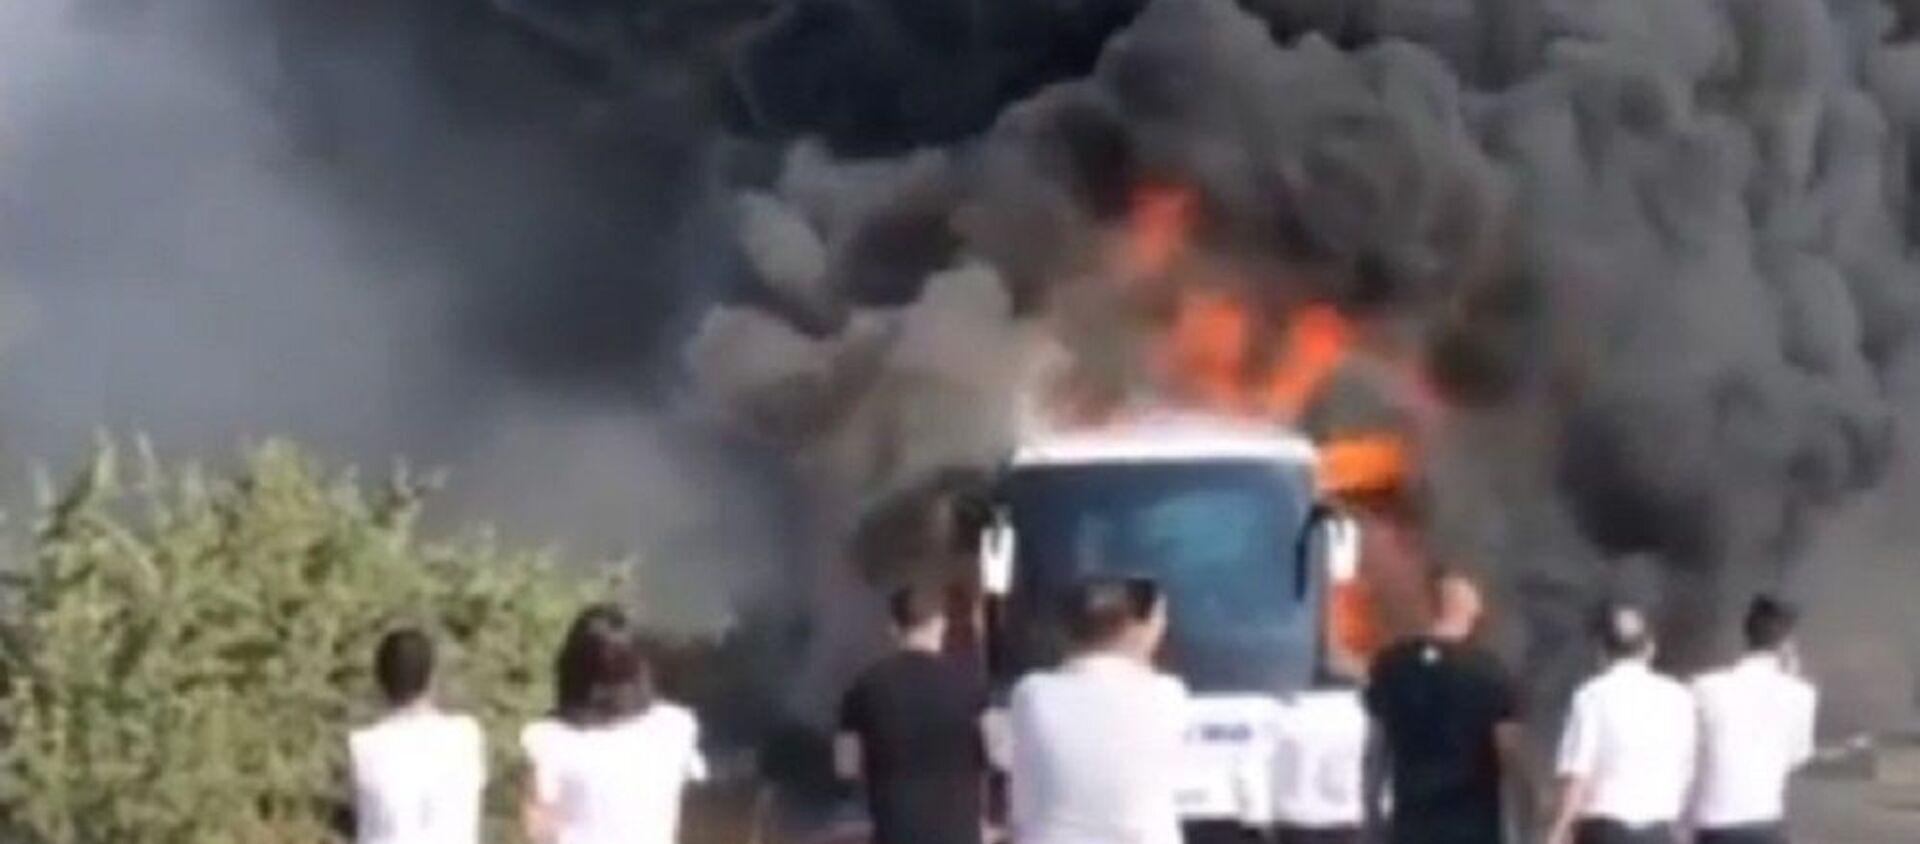 İzmir'de seyir halindeki yolcu otobüsü yandı - Sputnik Türkiye, 1920, 21.07.2021